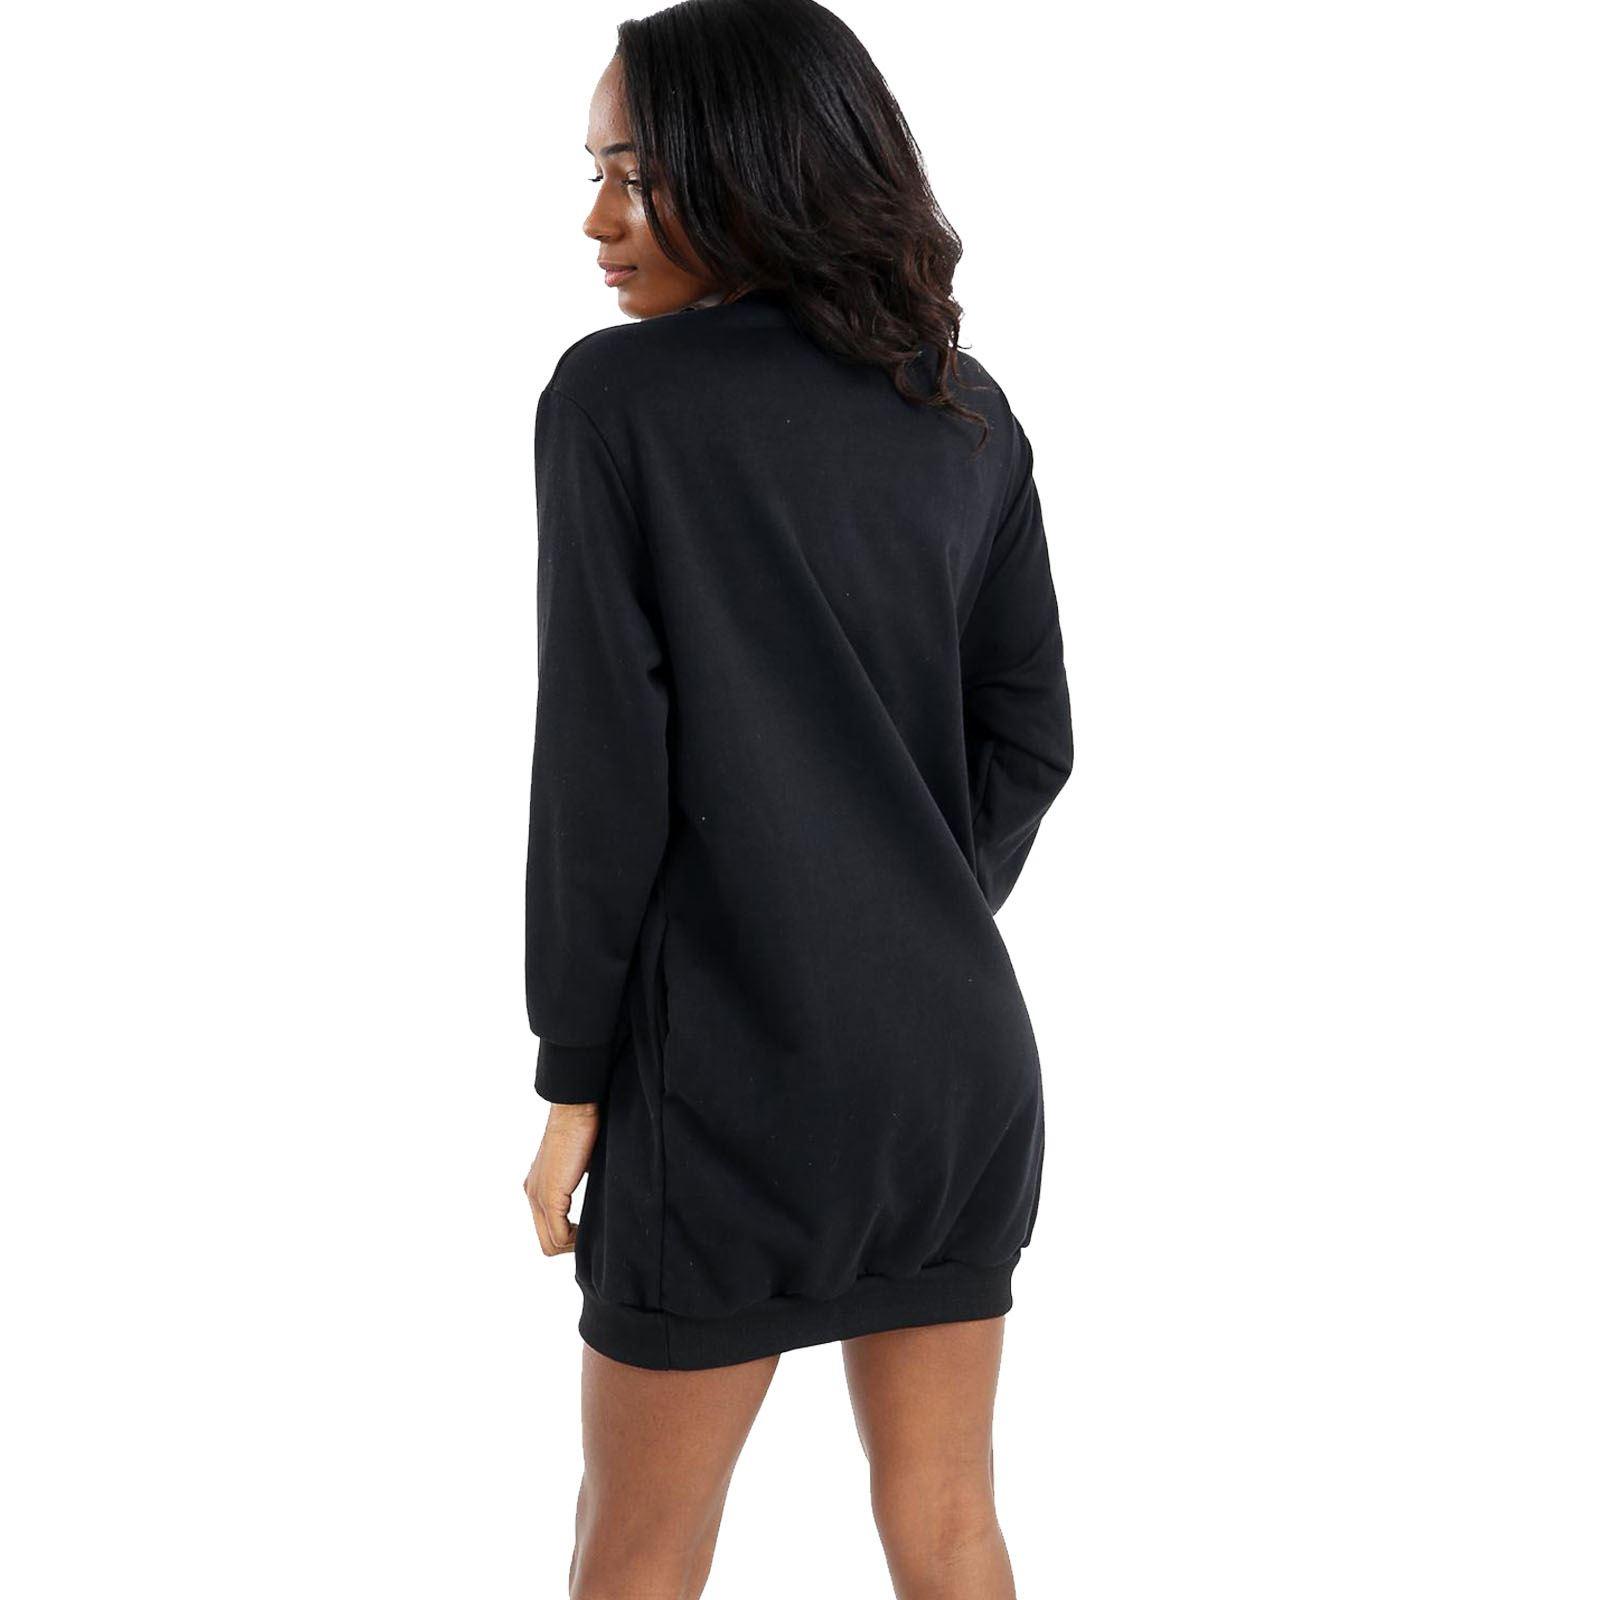 Women Ladies Plain Long Sleeve VOGUE Slogan Sweatshirt Fleece Jumper Top UK S-XL